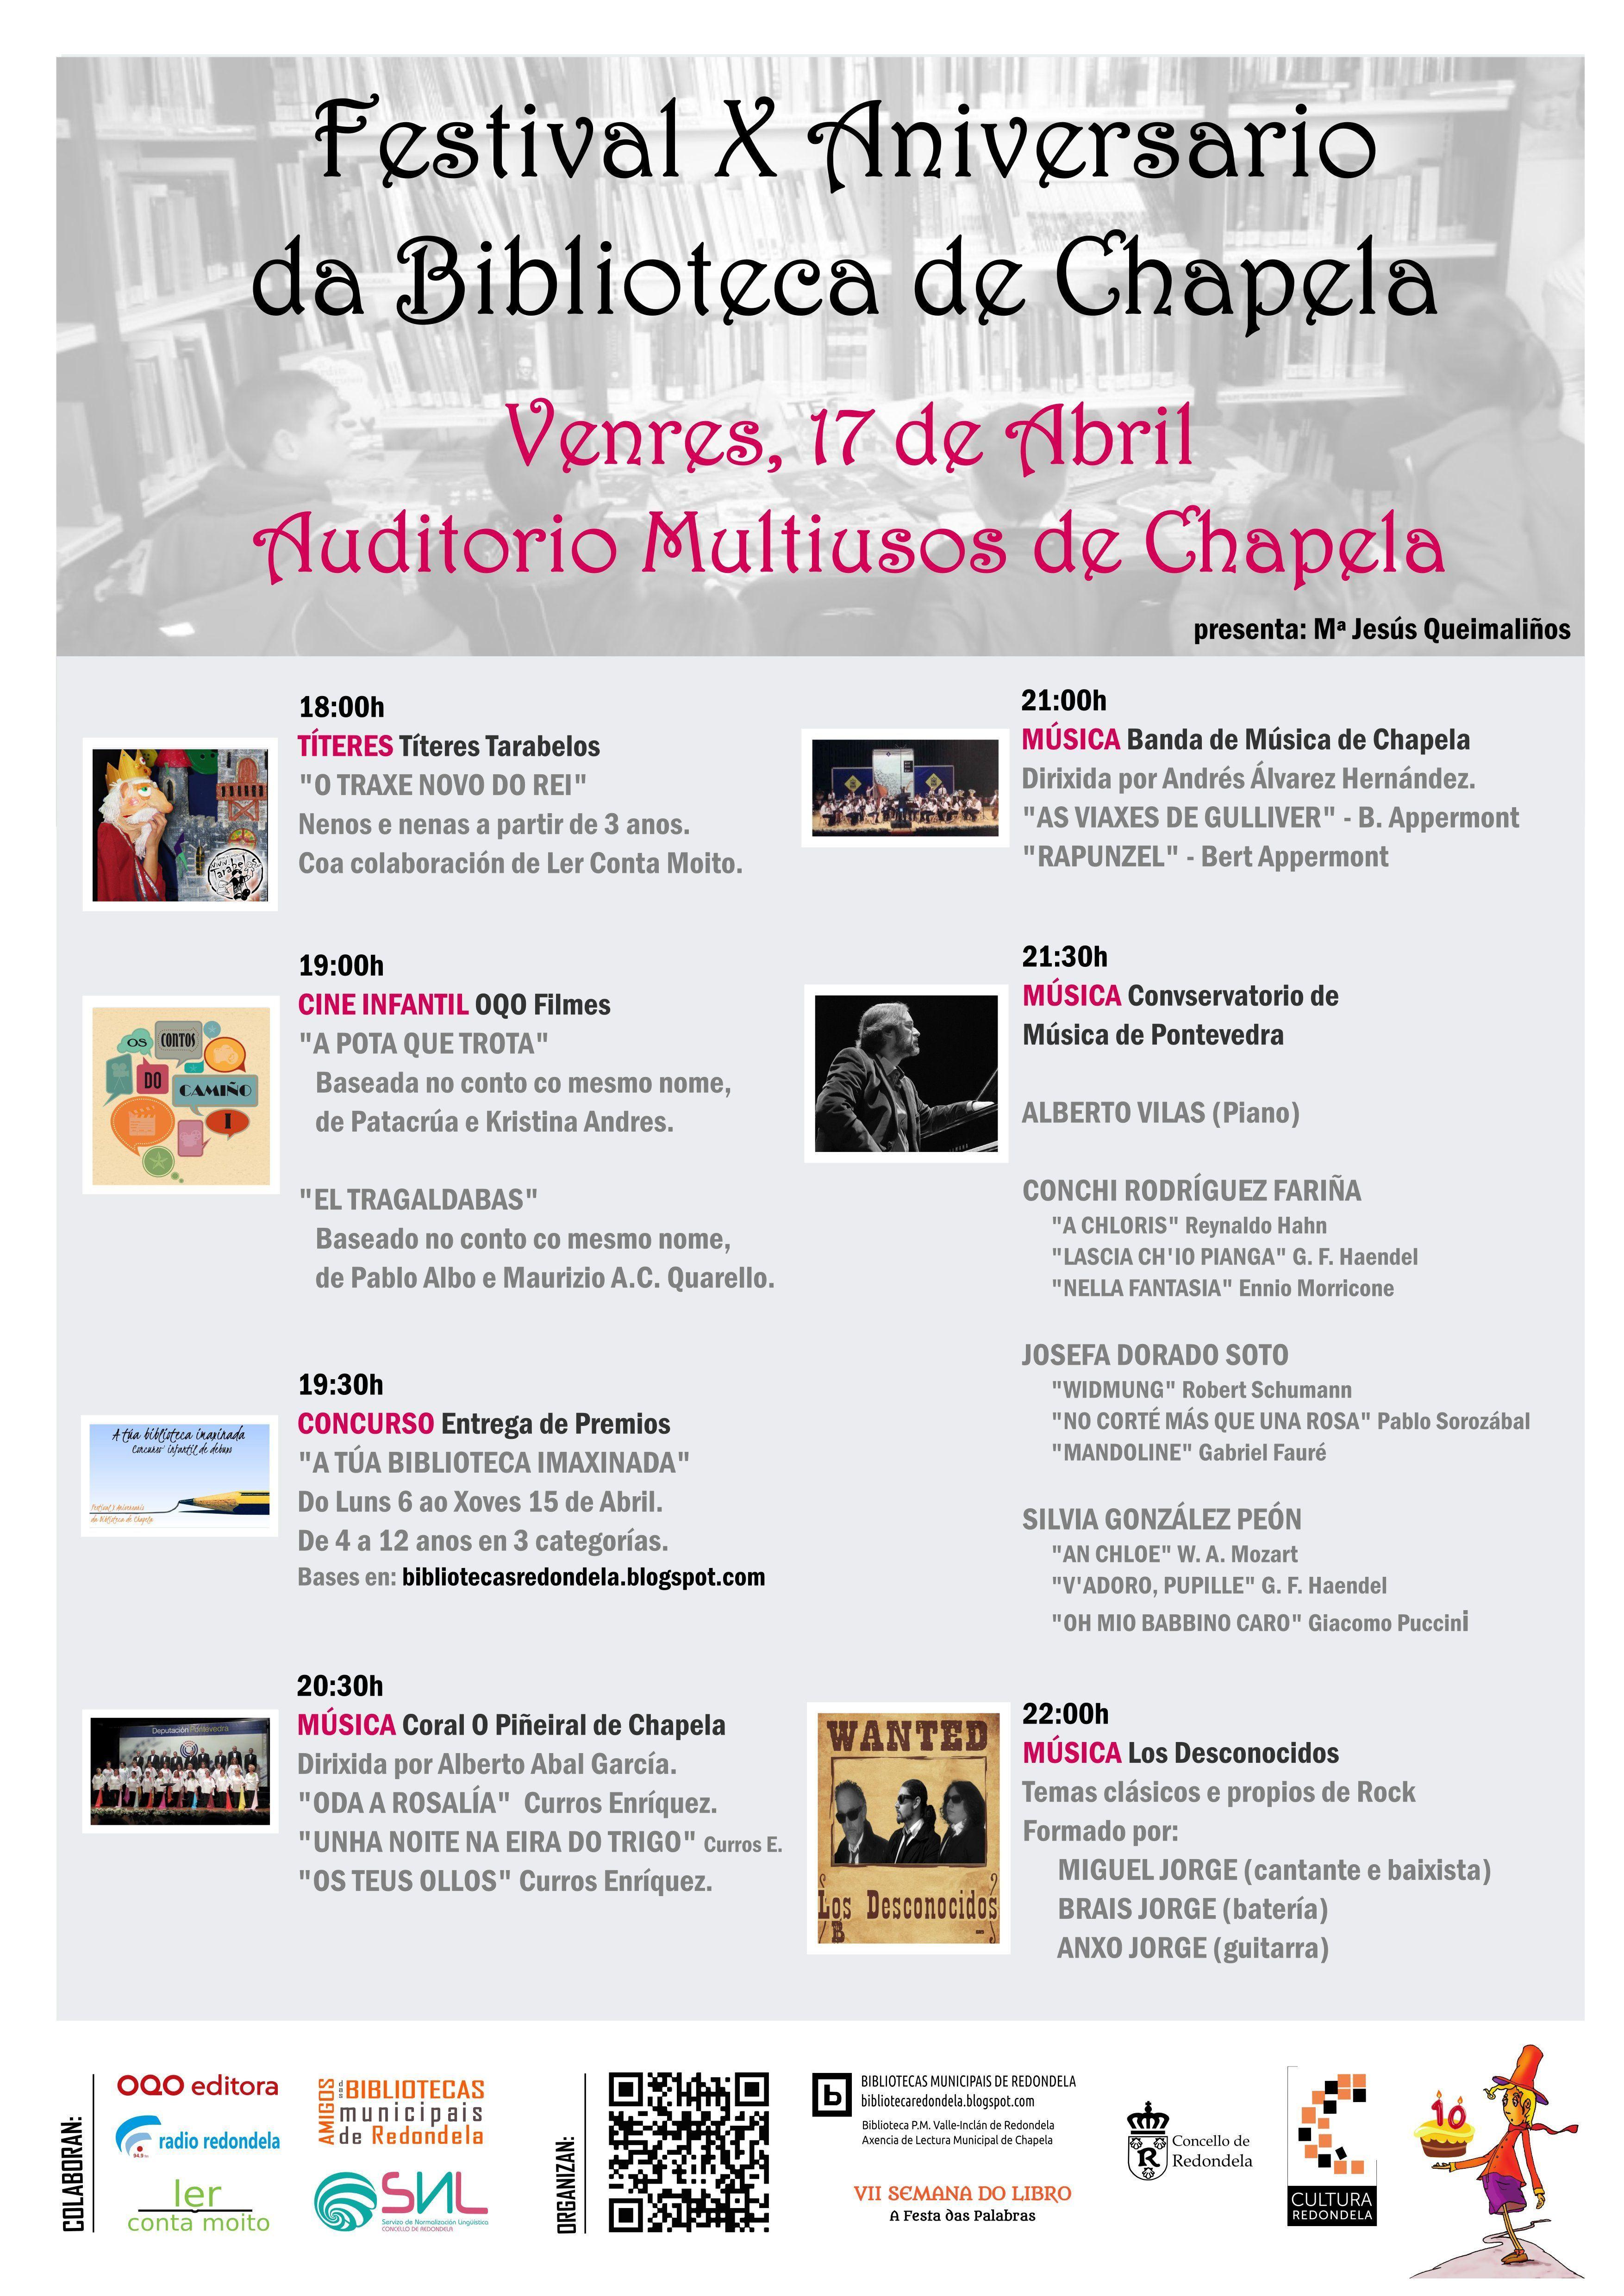 Festival X Aniversario da biblioteca de Chapela. Abril 2015- http://bibliotecasredondela.blogspot.com.es/2015/04/festival-x-aniversario-da-biblioteca-de.html